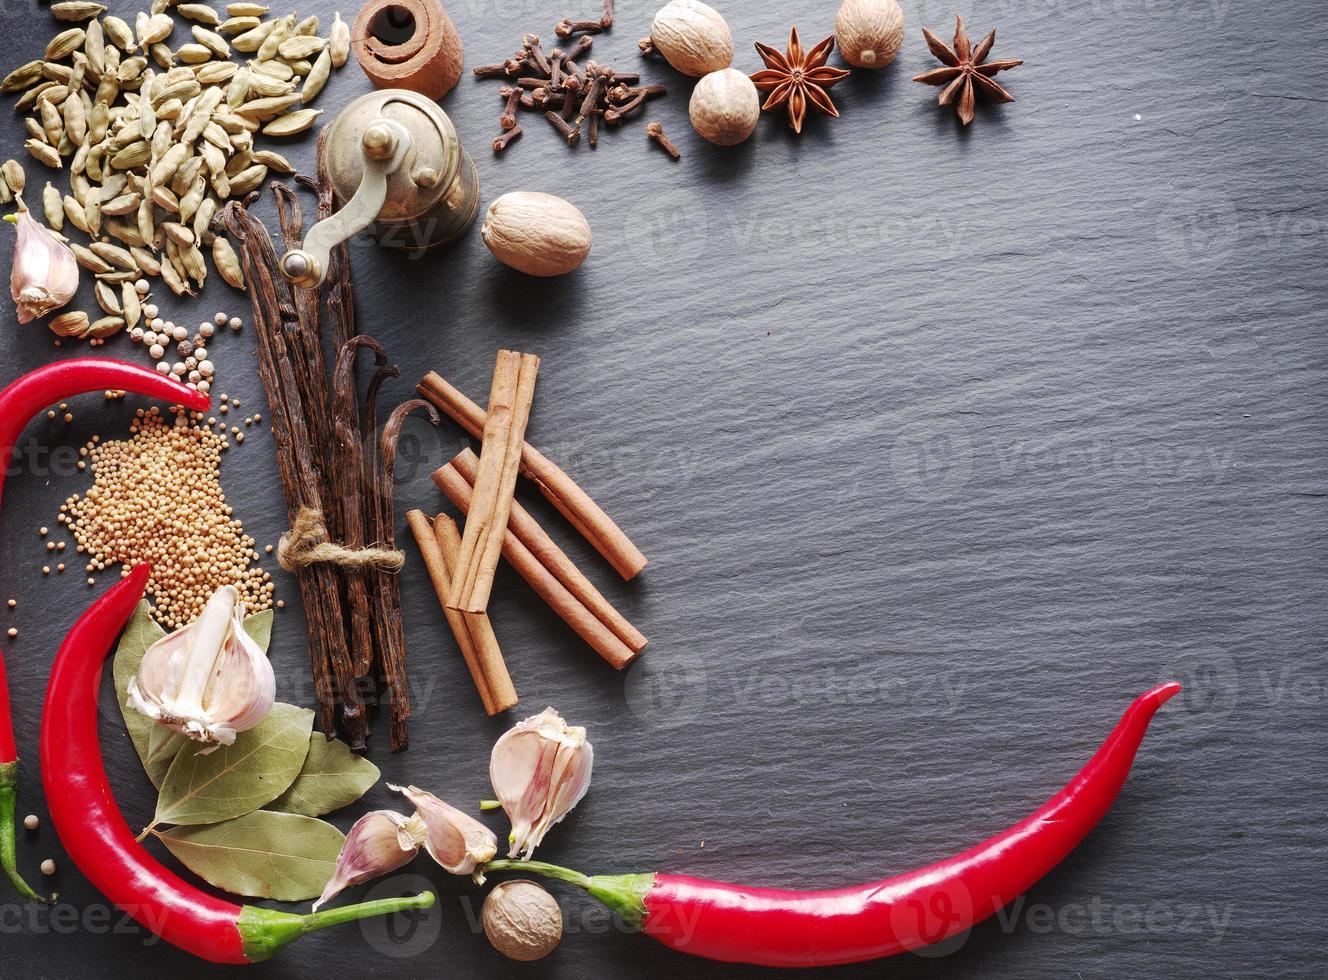 kryddor på vaggat bord. foto